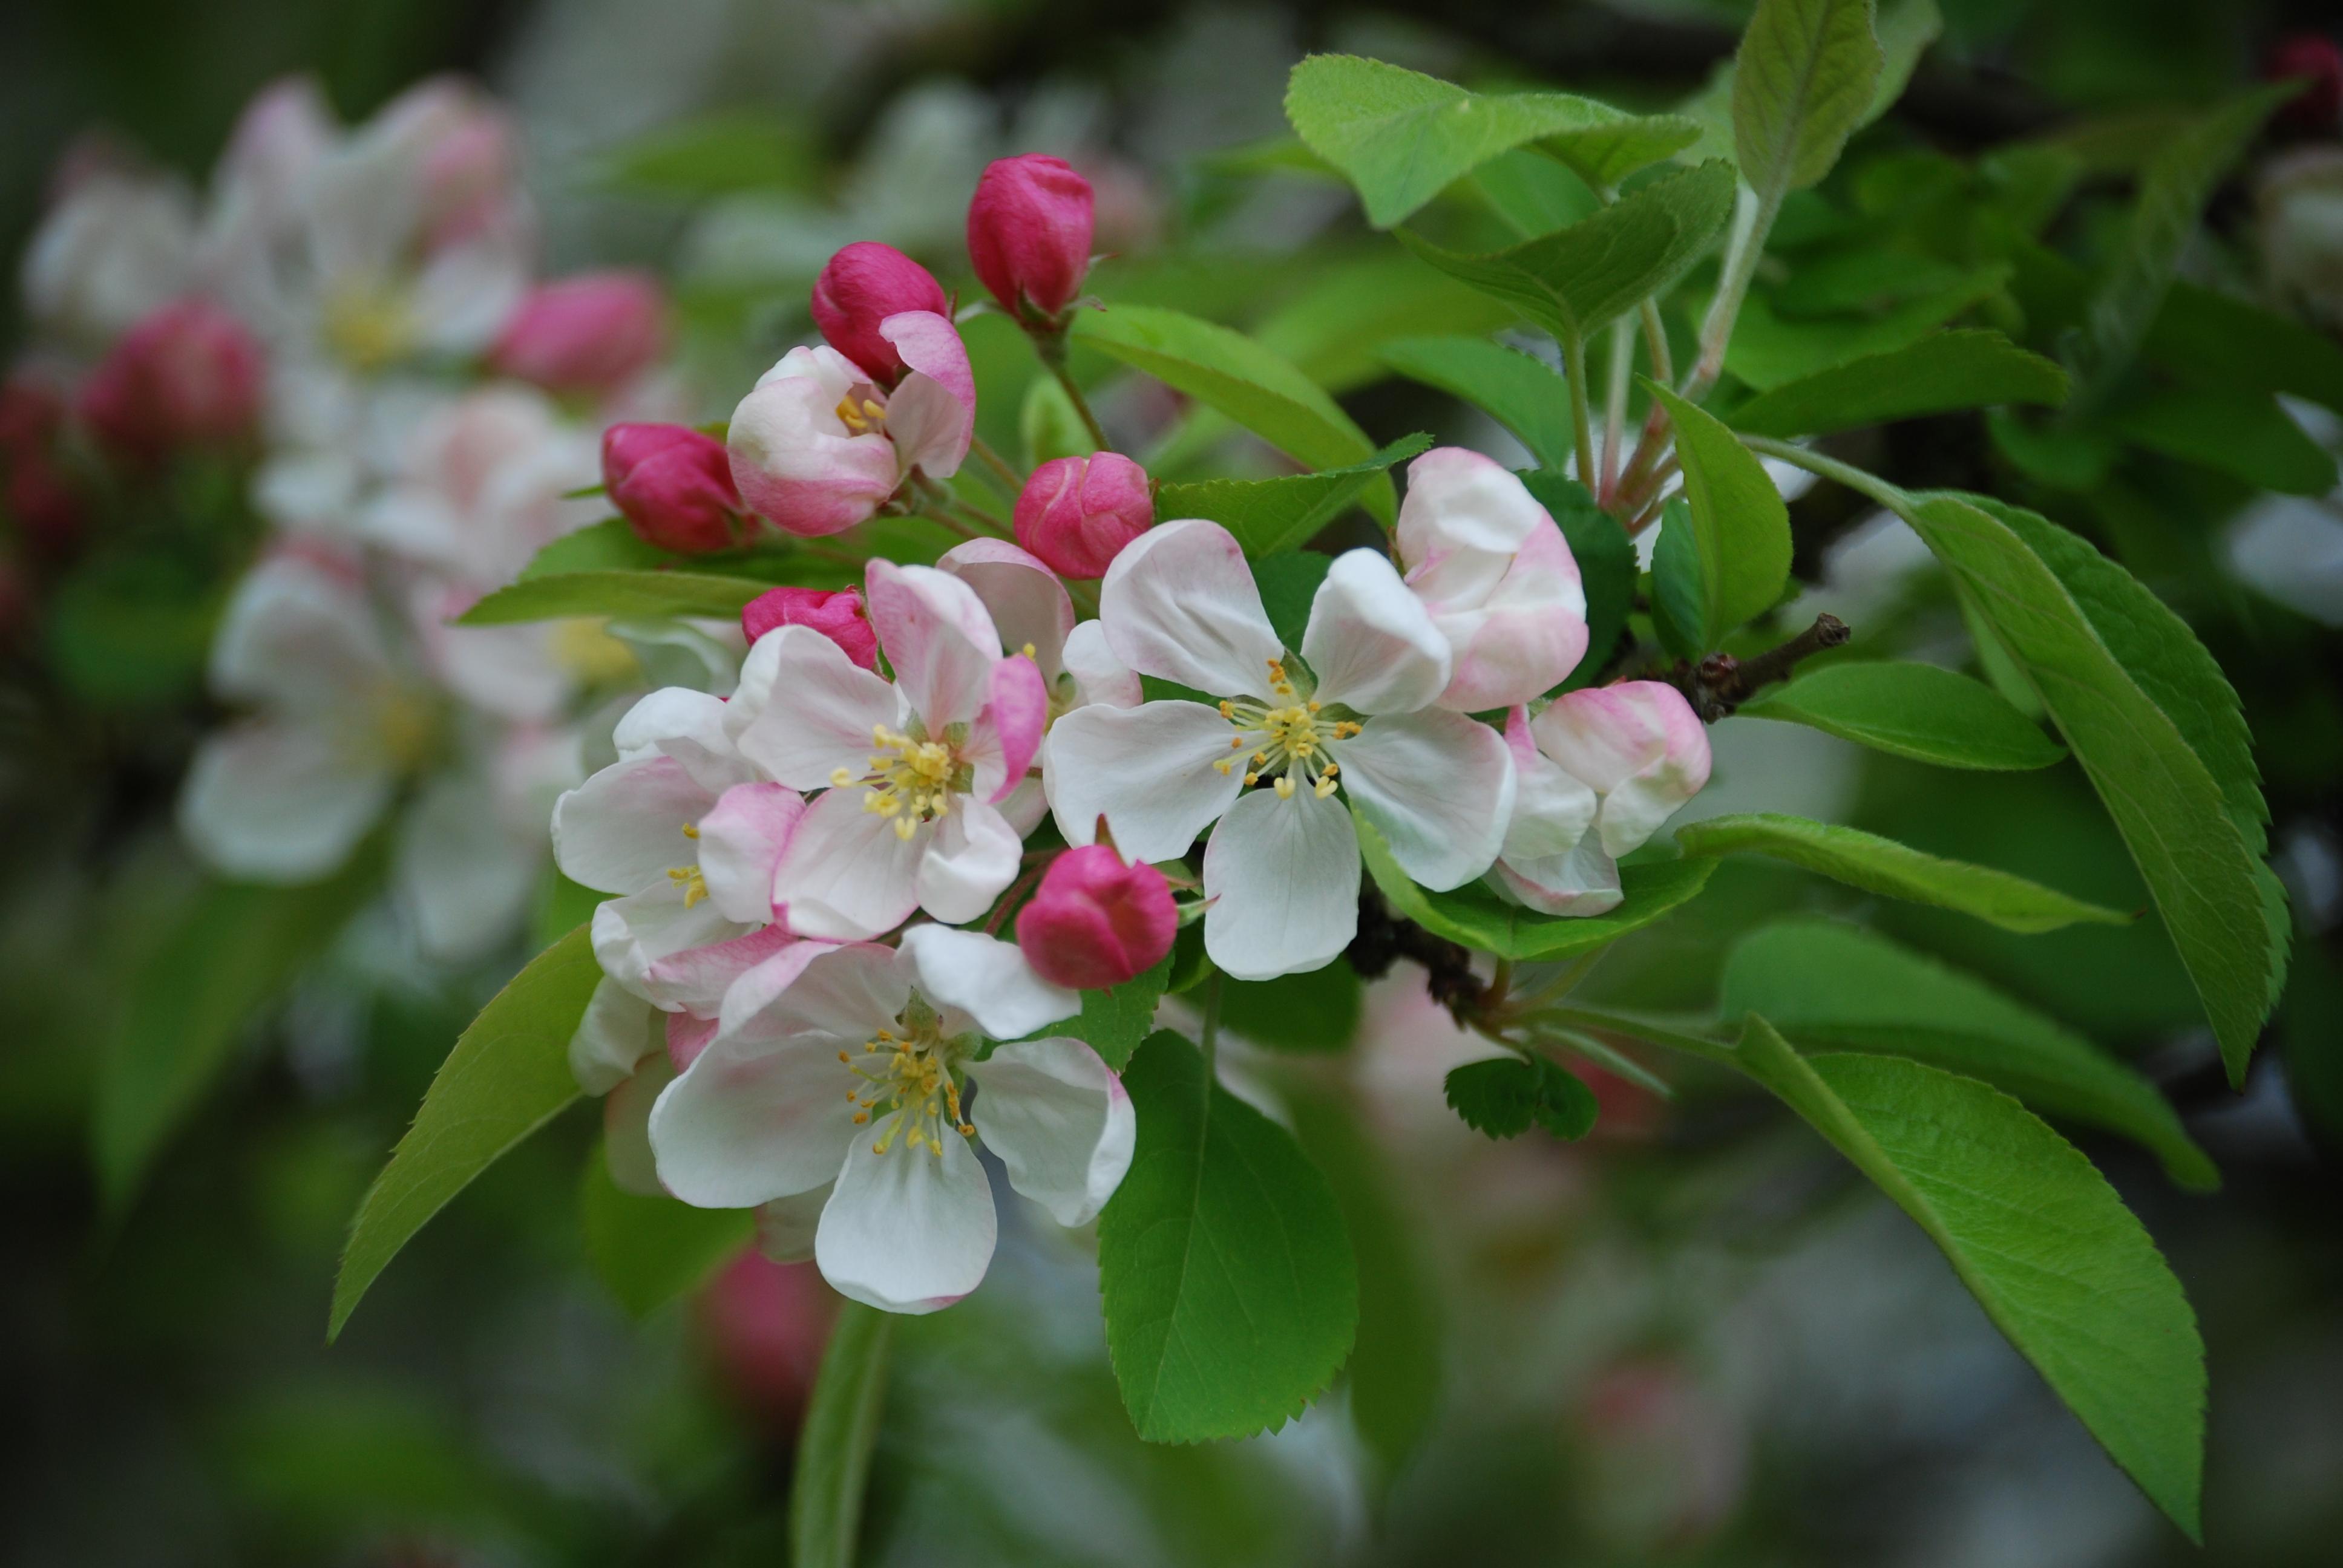 красивые картинки цветущих яблонь один немногих материалов